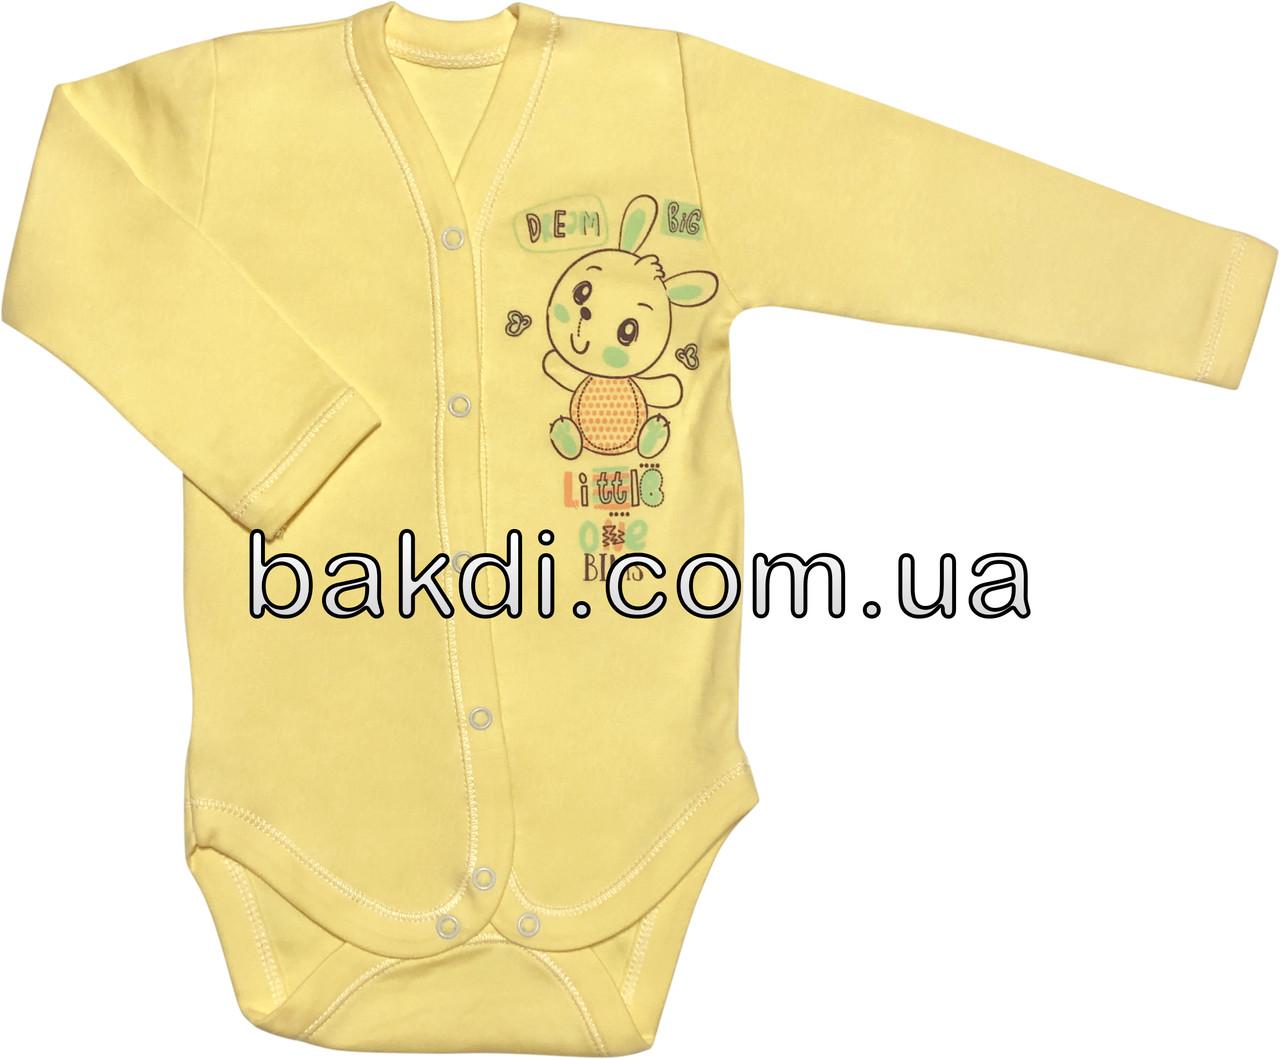 Детское боди рост 68 3-6 мес трикотажное интерлок жёлтое на мальчика девочку бодик с длинным рукавом для новорожденных малышей Ж334